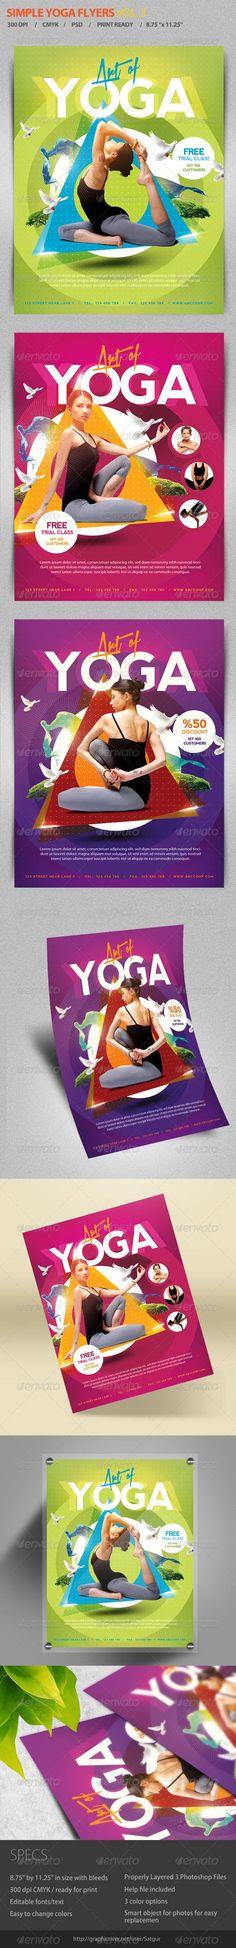 Yoga Flyer \/ Poster 2 Yoga, Printing and Graphics - yoga flyer